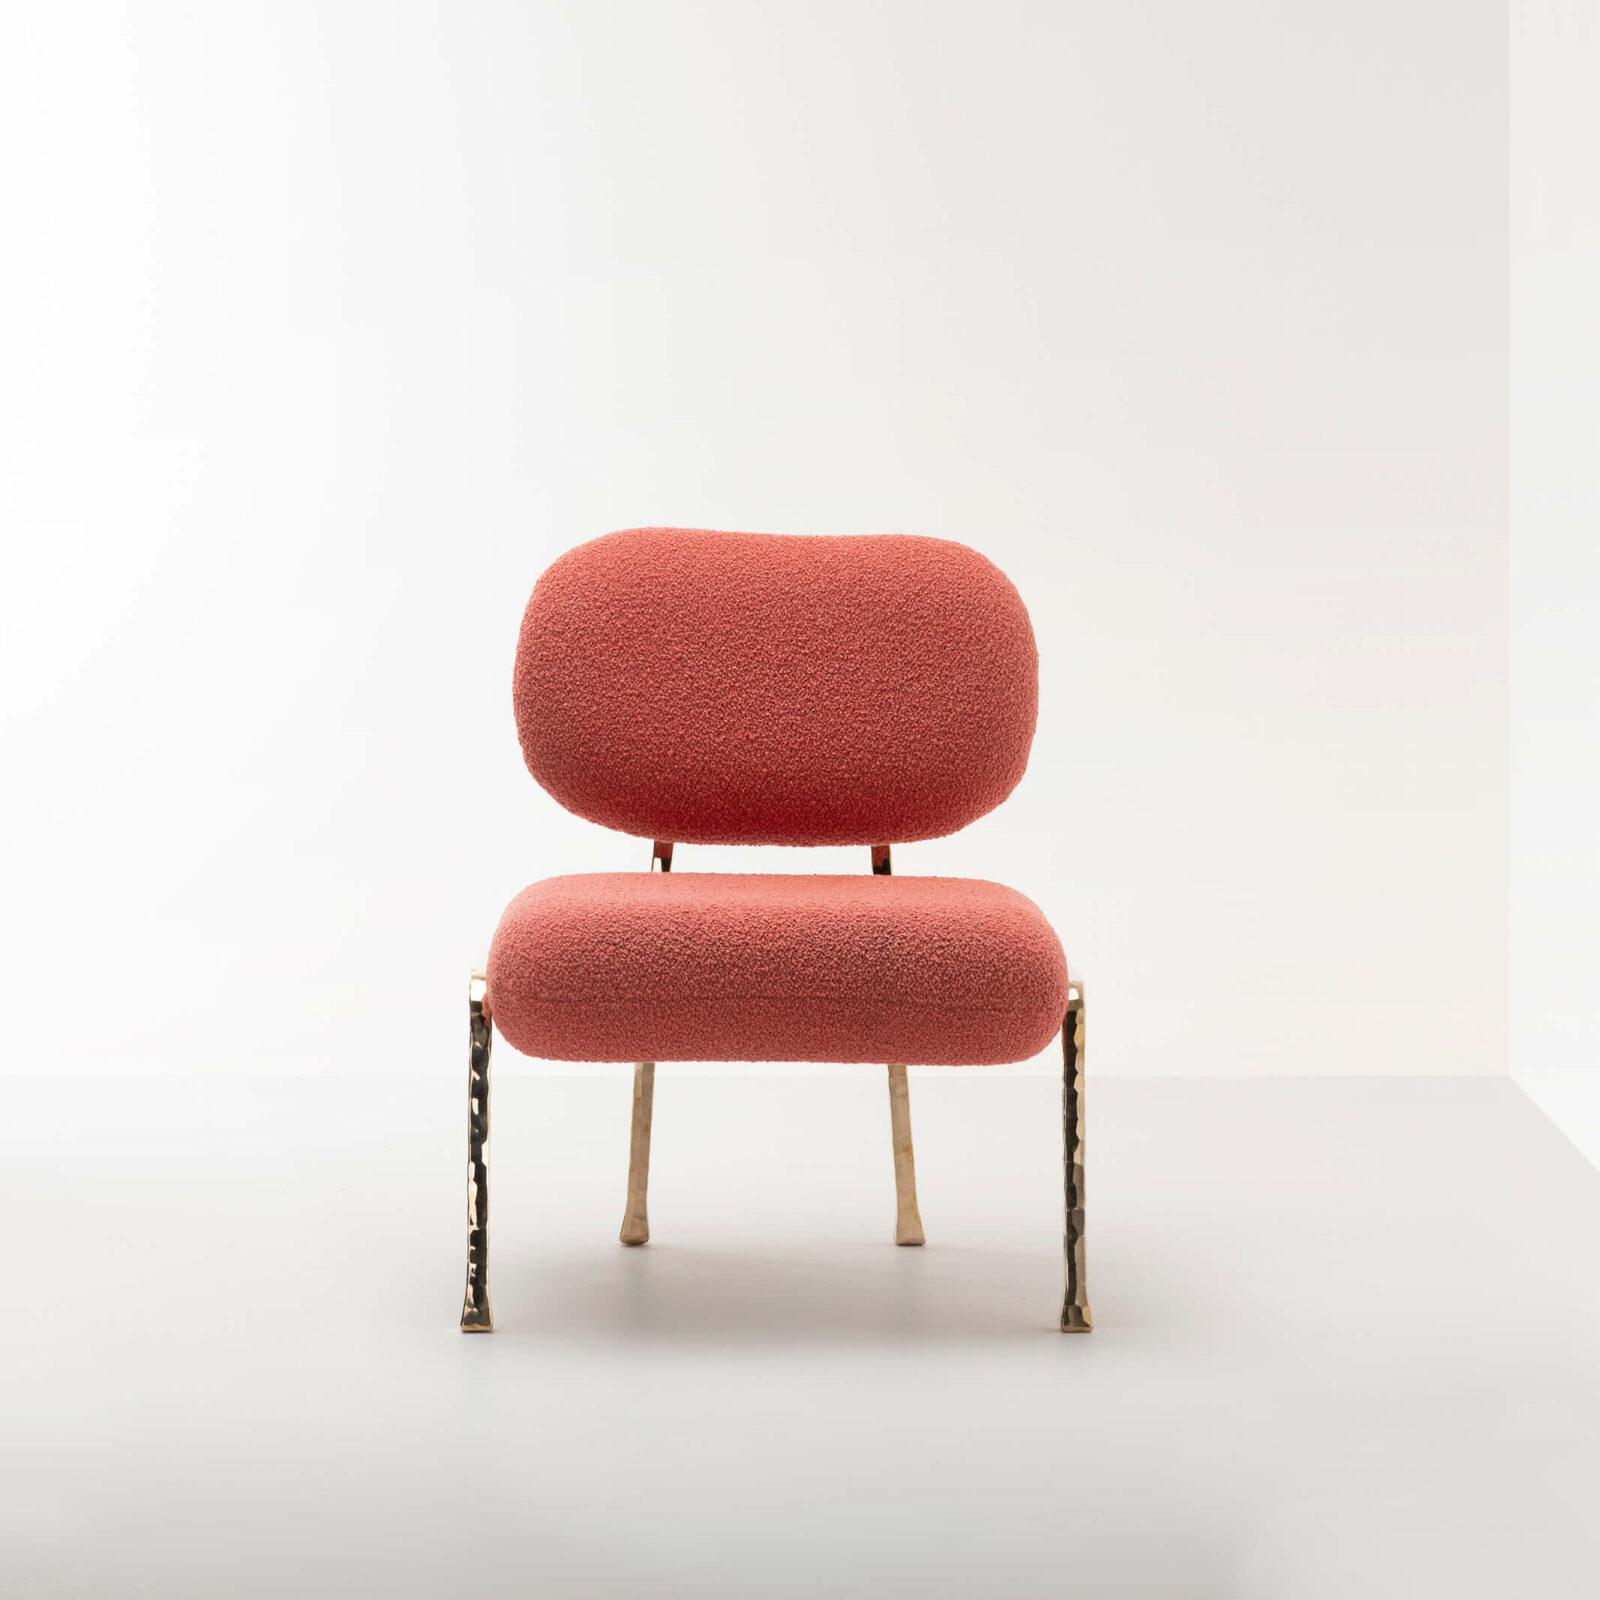 Hopper (without armrests)